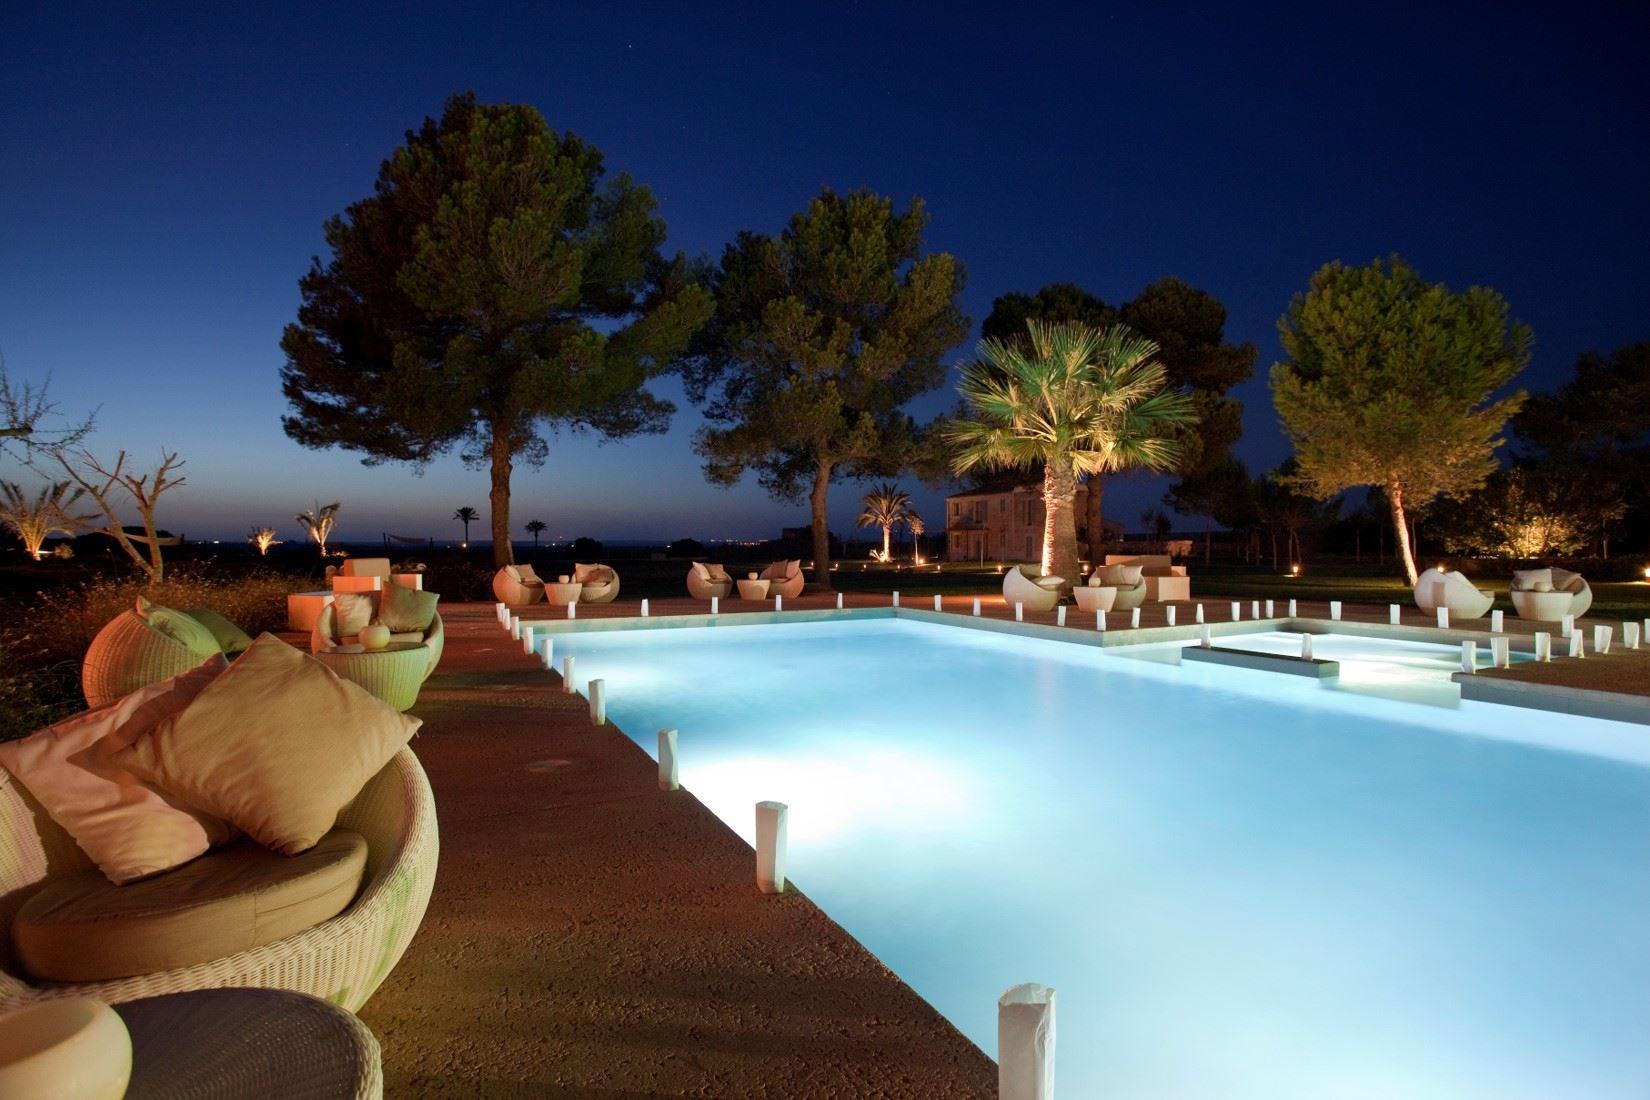 Fontsanta Hotel Thermal Spa & Wellness:Njut av det goda livet på södra Mallorca!